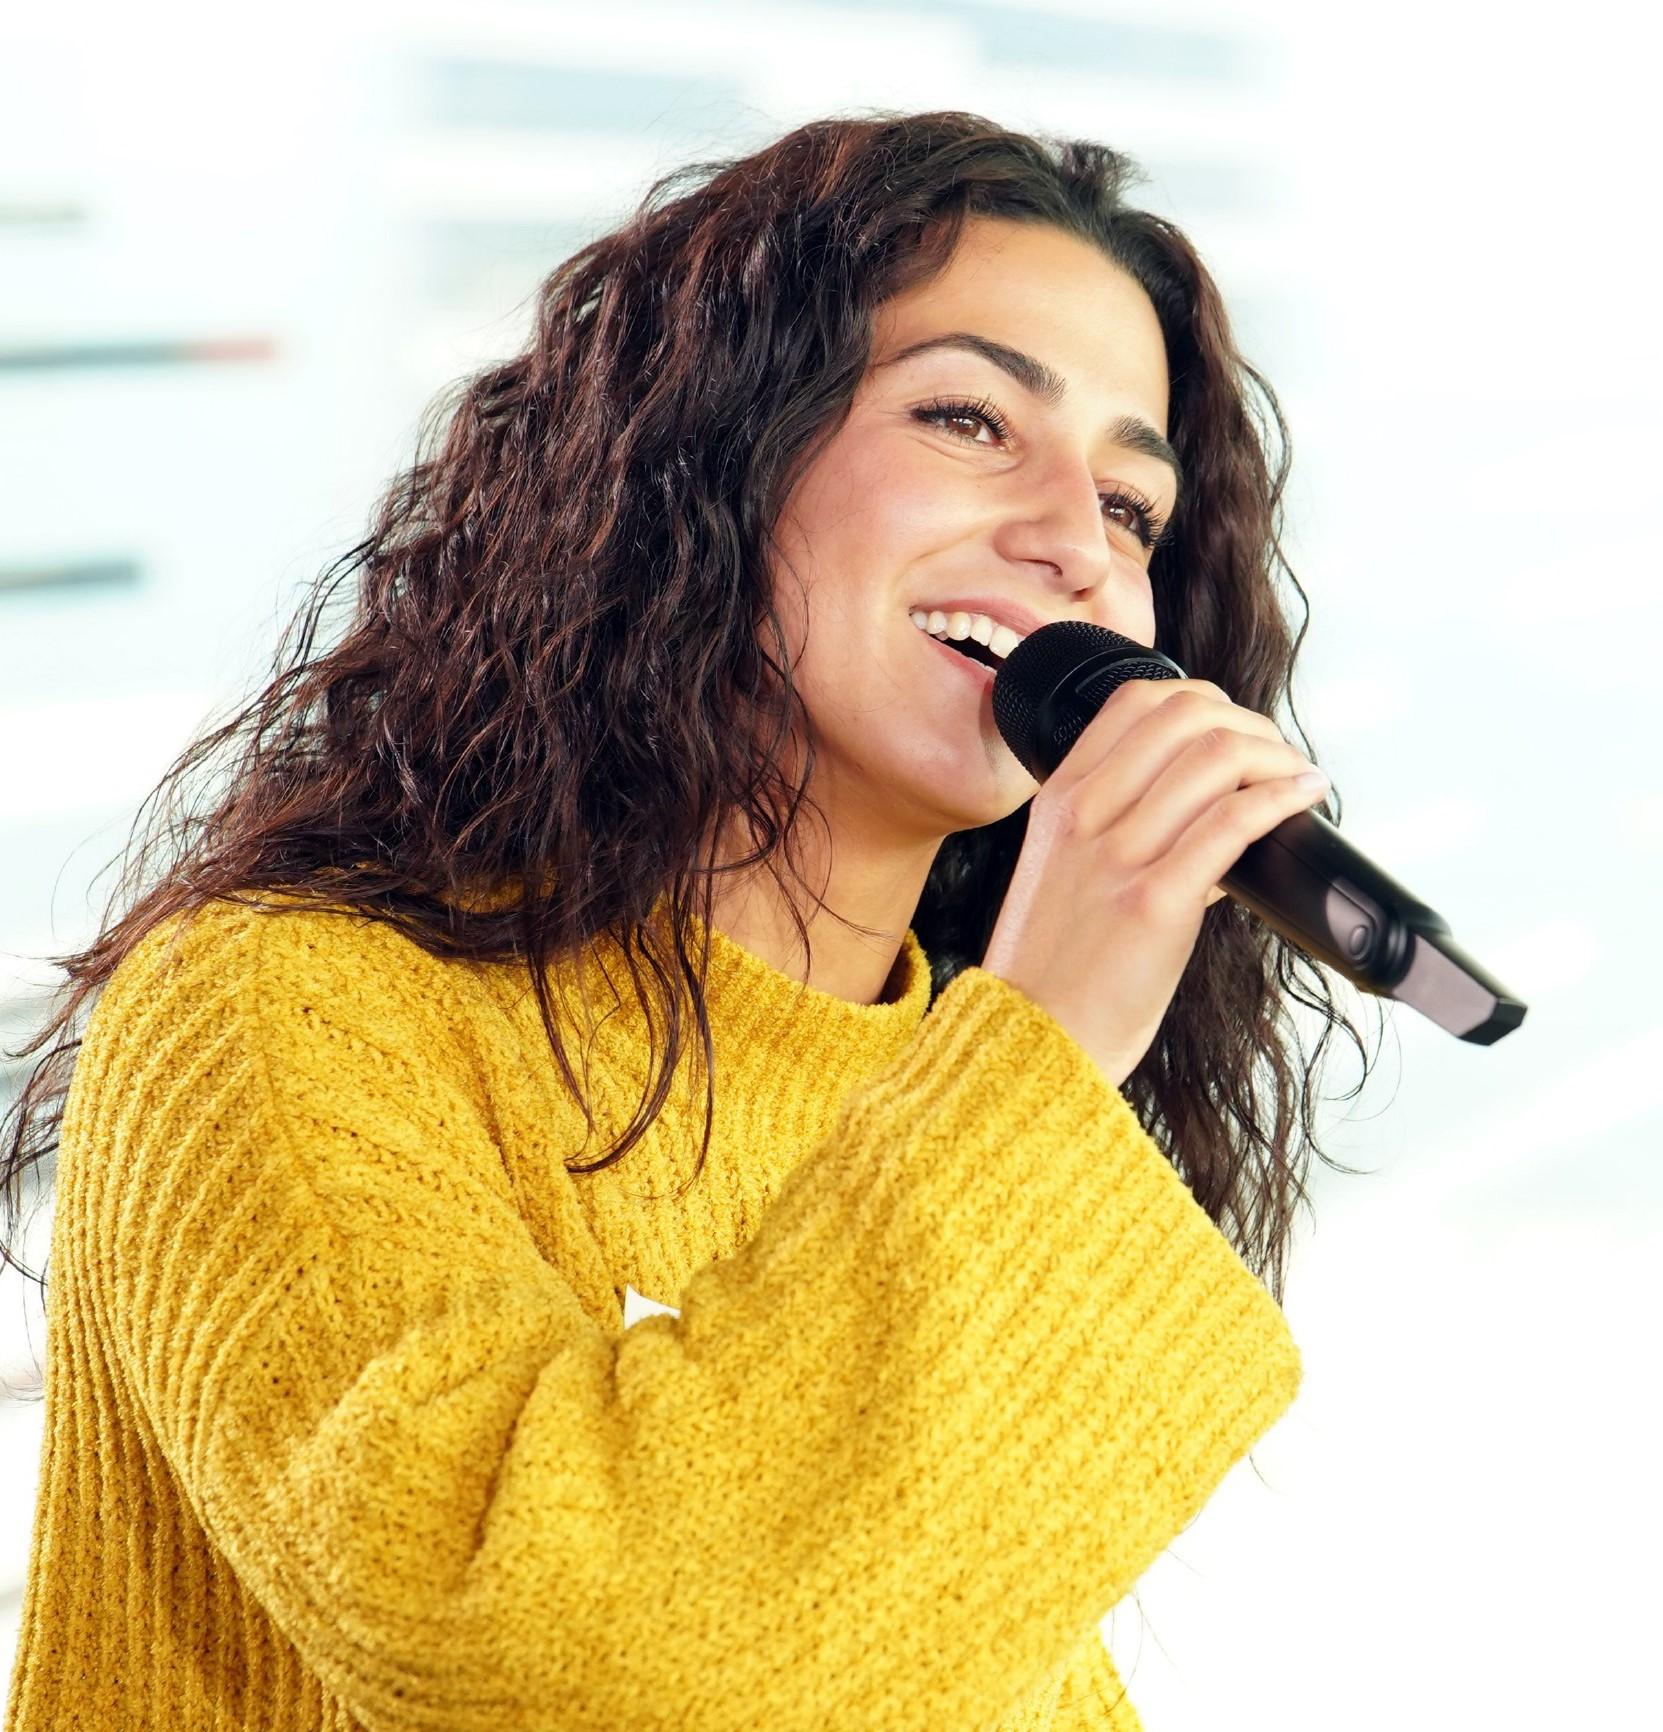 Laura Panza